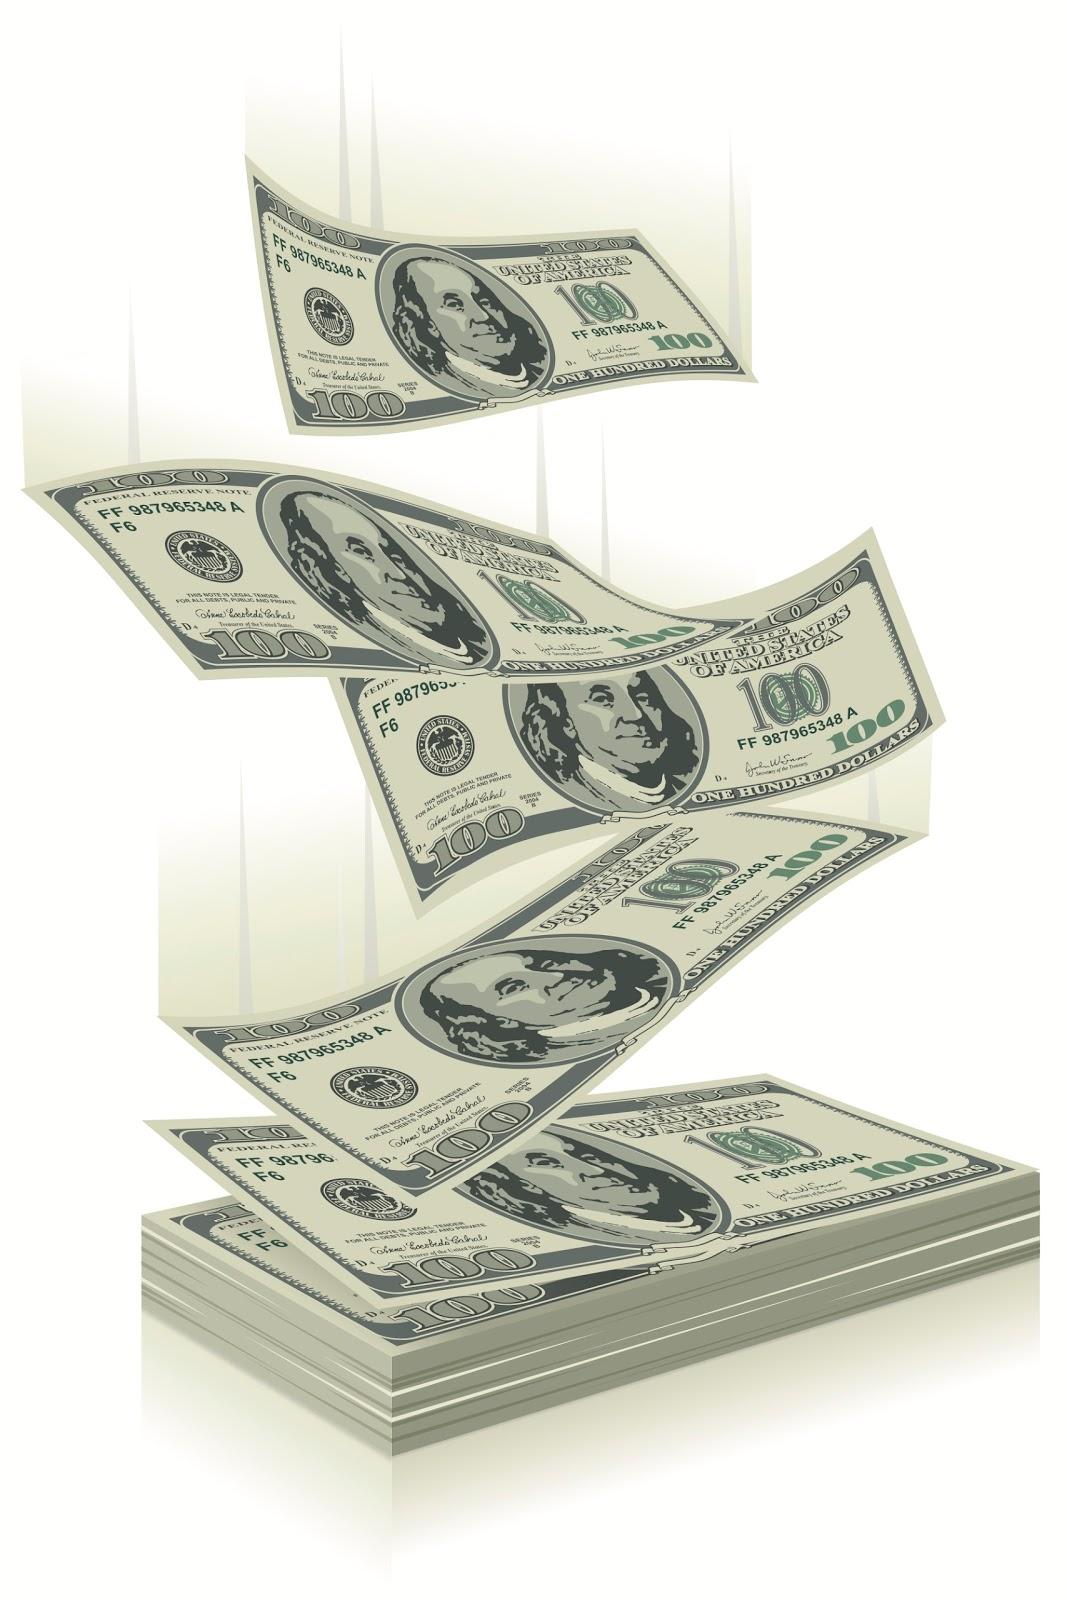 http://1.bp.blogspot.com/-E5clu3QSAZw/T15X7YEPtMI/AAAAAAAAAgc/HRVCTs8HIgk/s1600/money.jpg#money%201067x1600